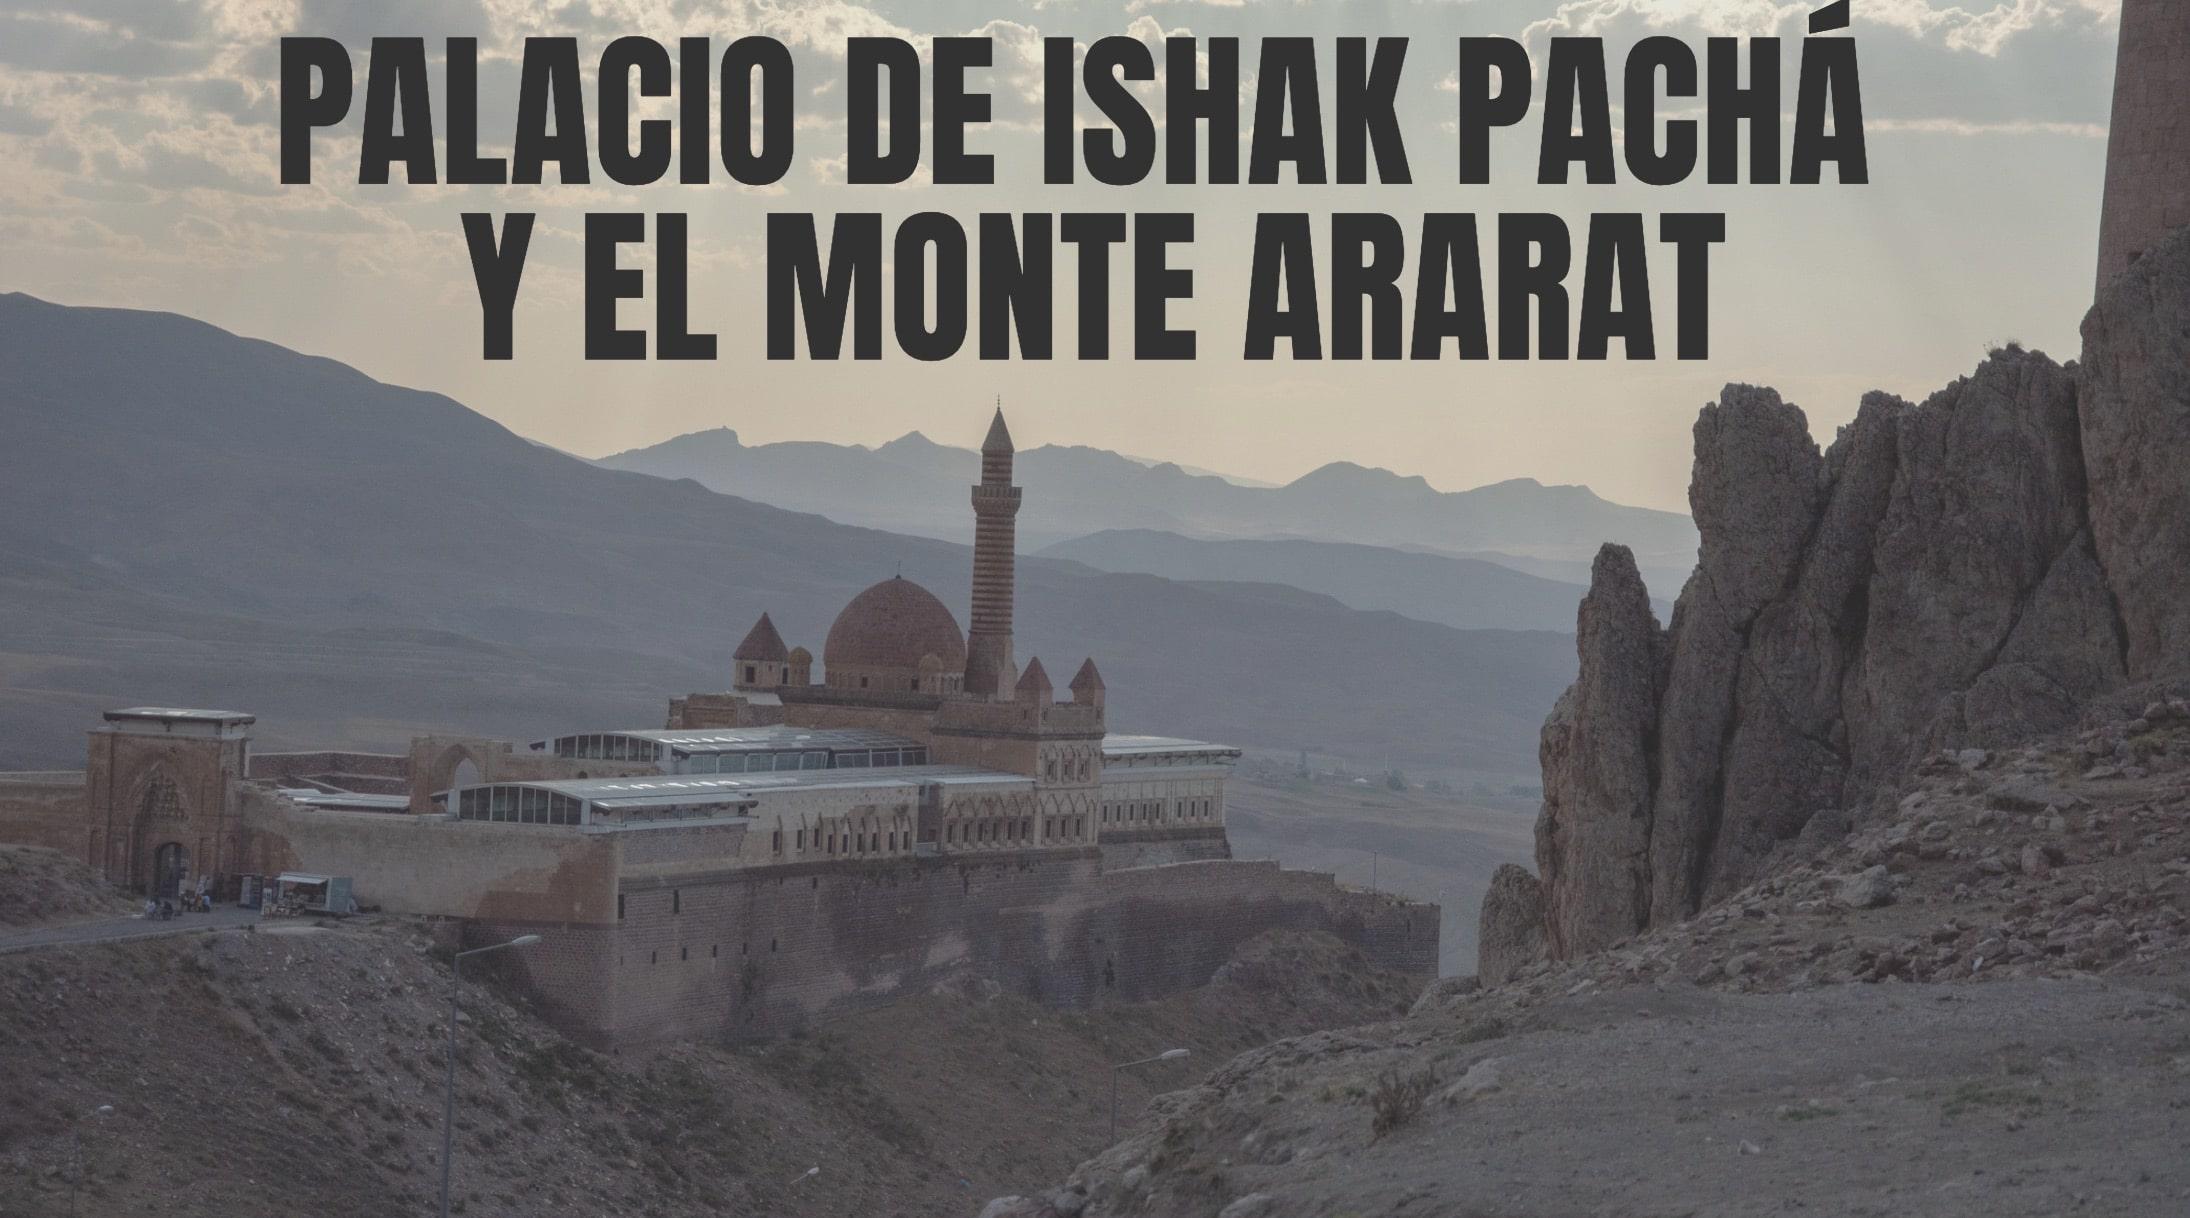 Palacio de Ishak Pachá y Monte Ararat